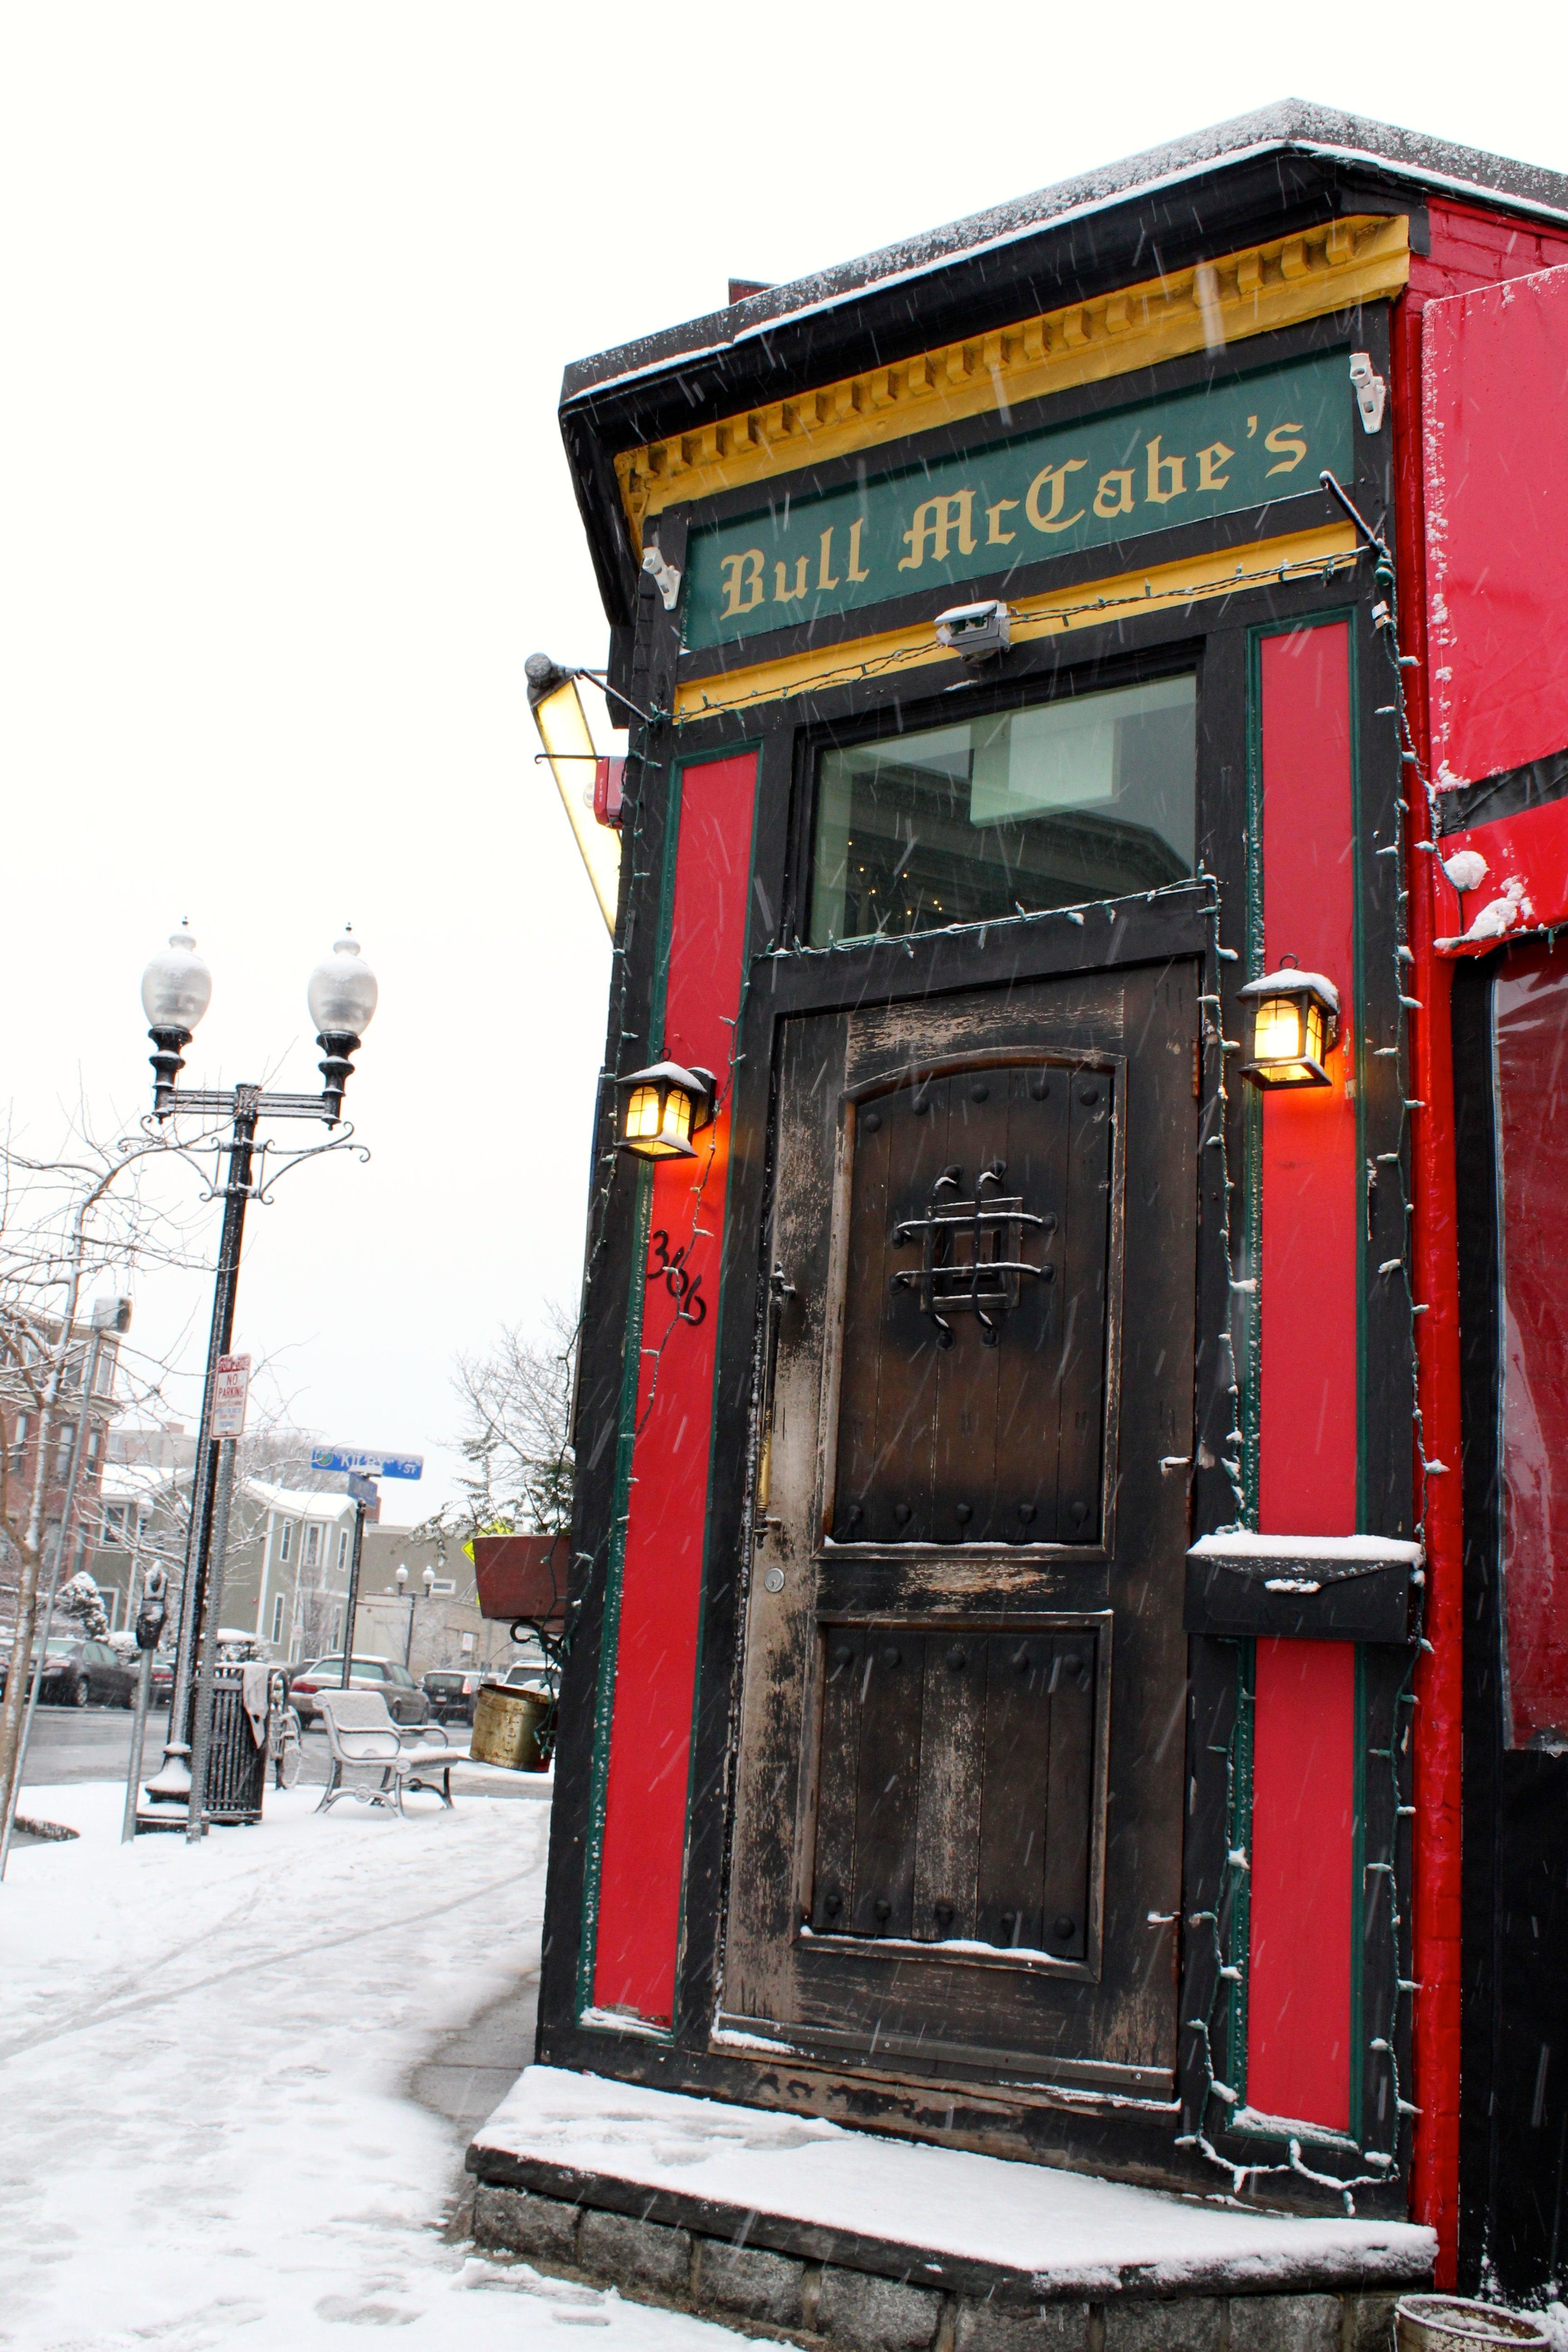 Bull McCabe's in Somerville.